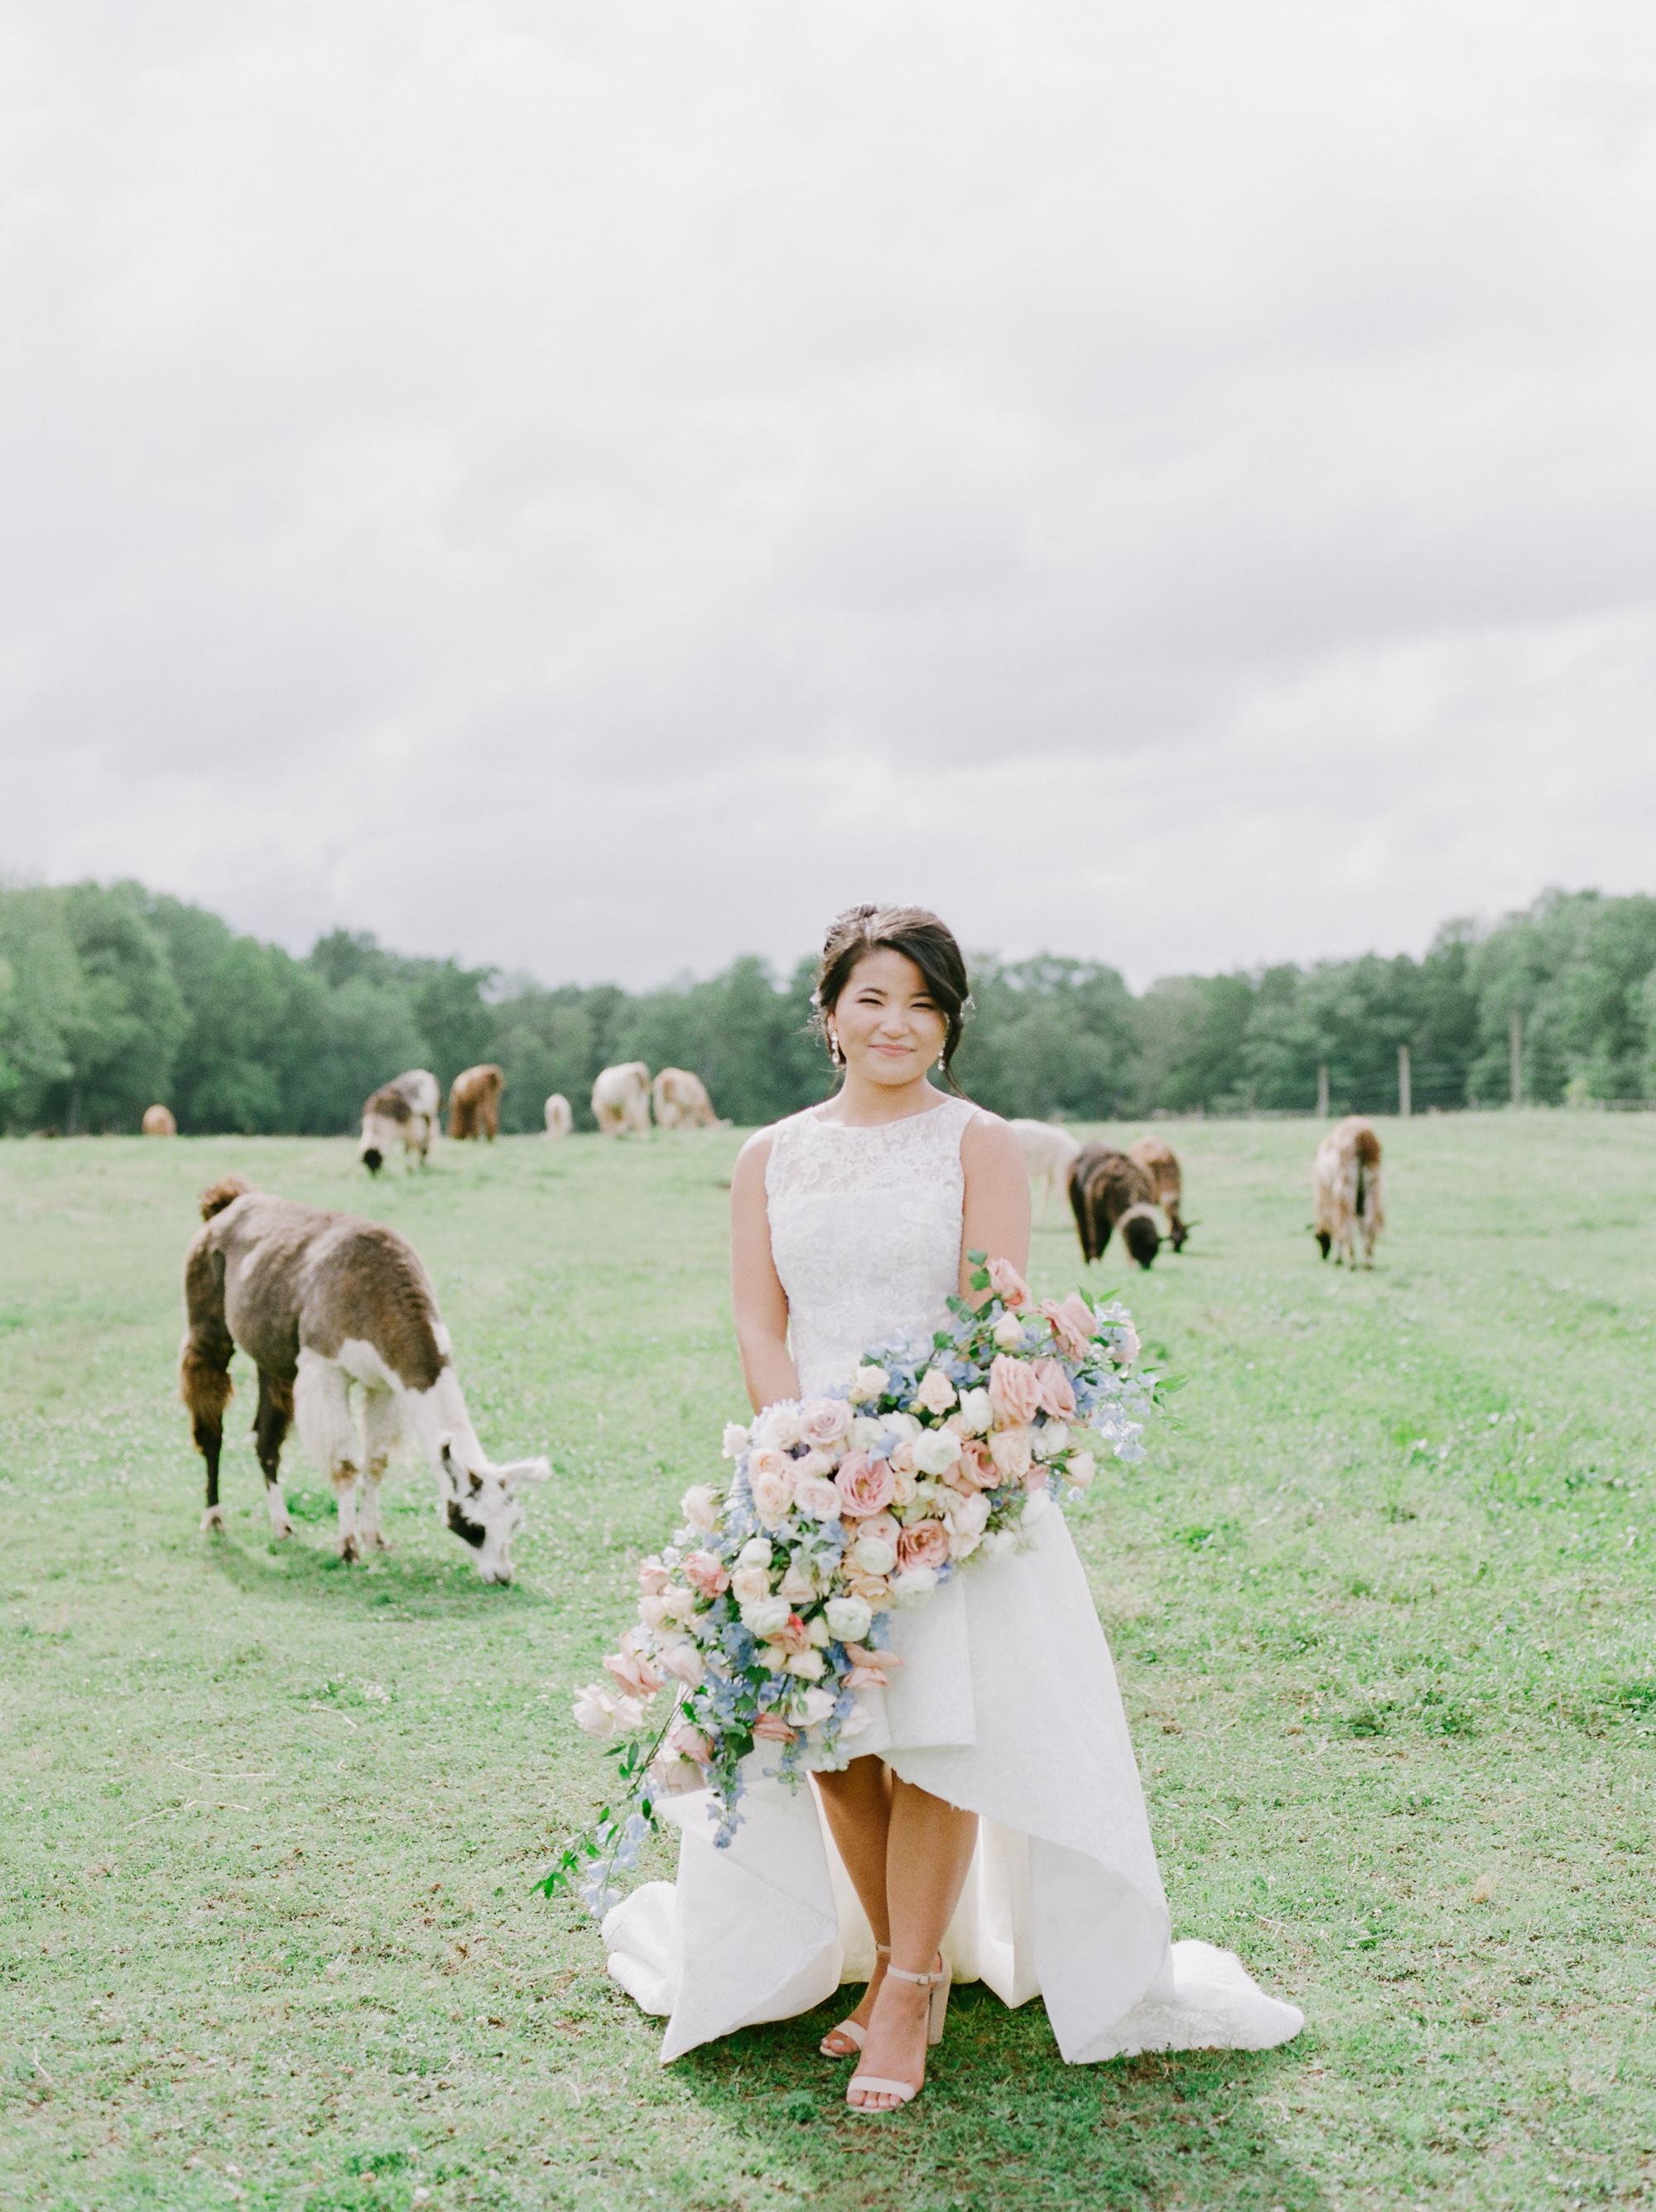 nj_alpaca-farm_wedding_inspiration-70.jpg